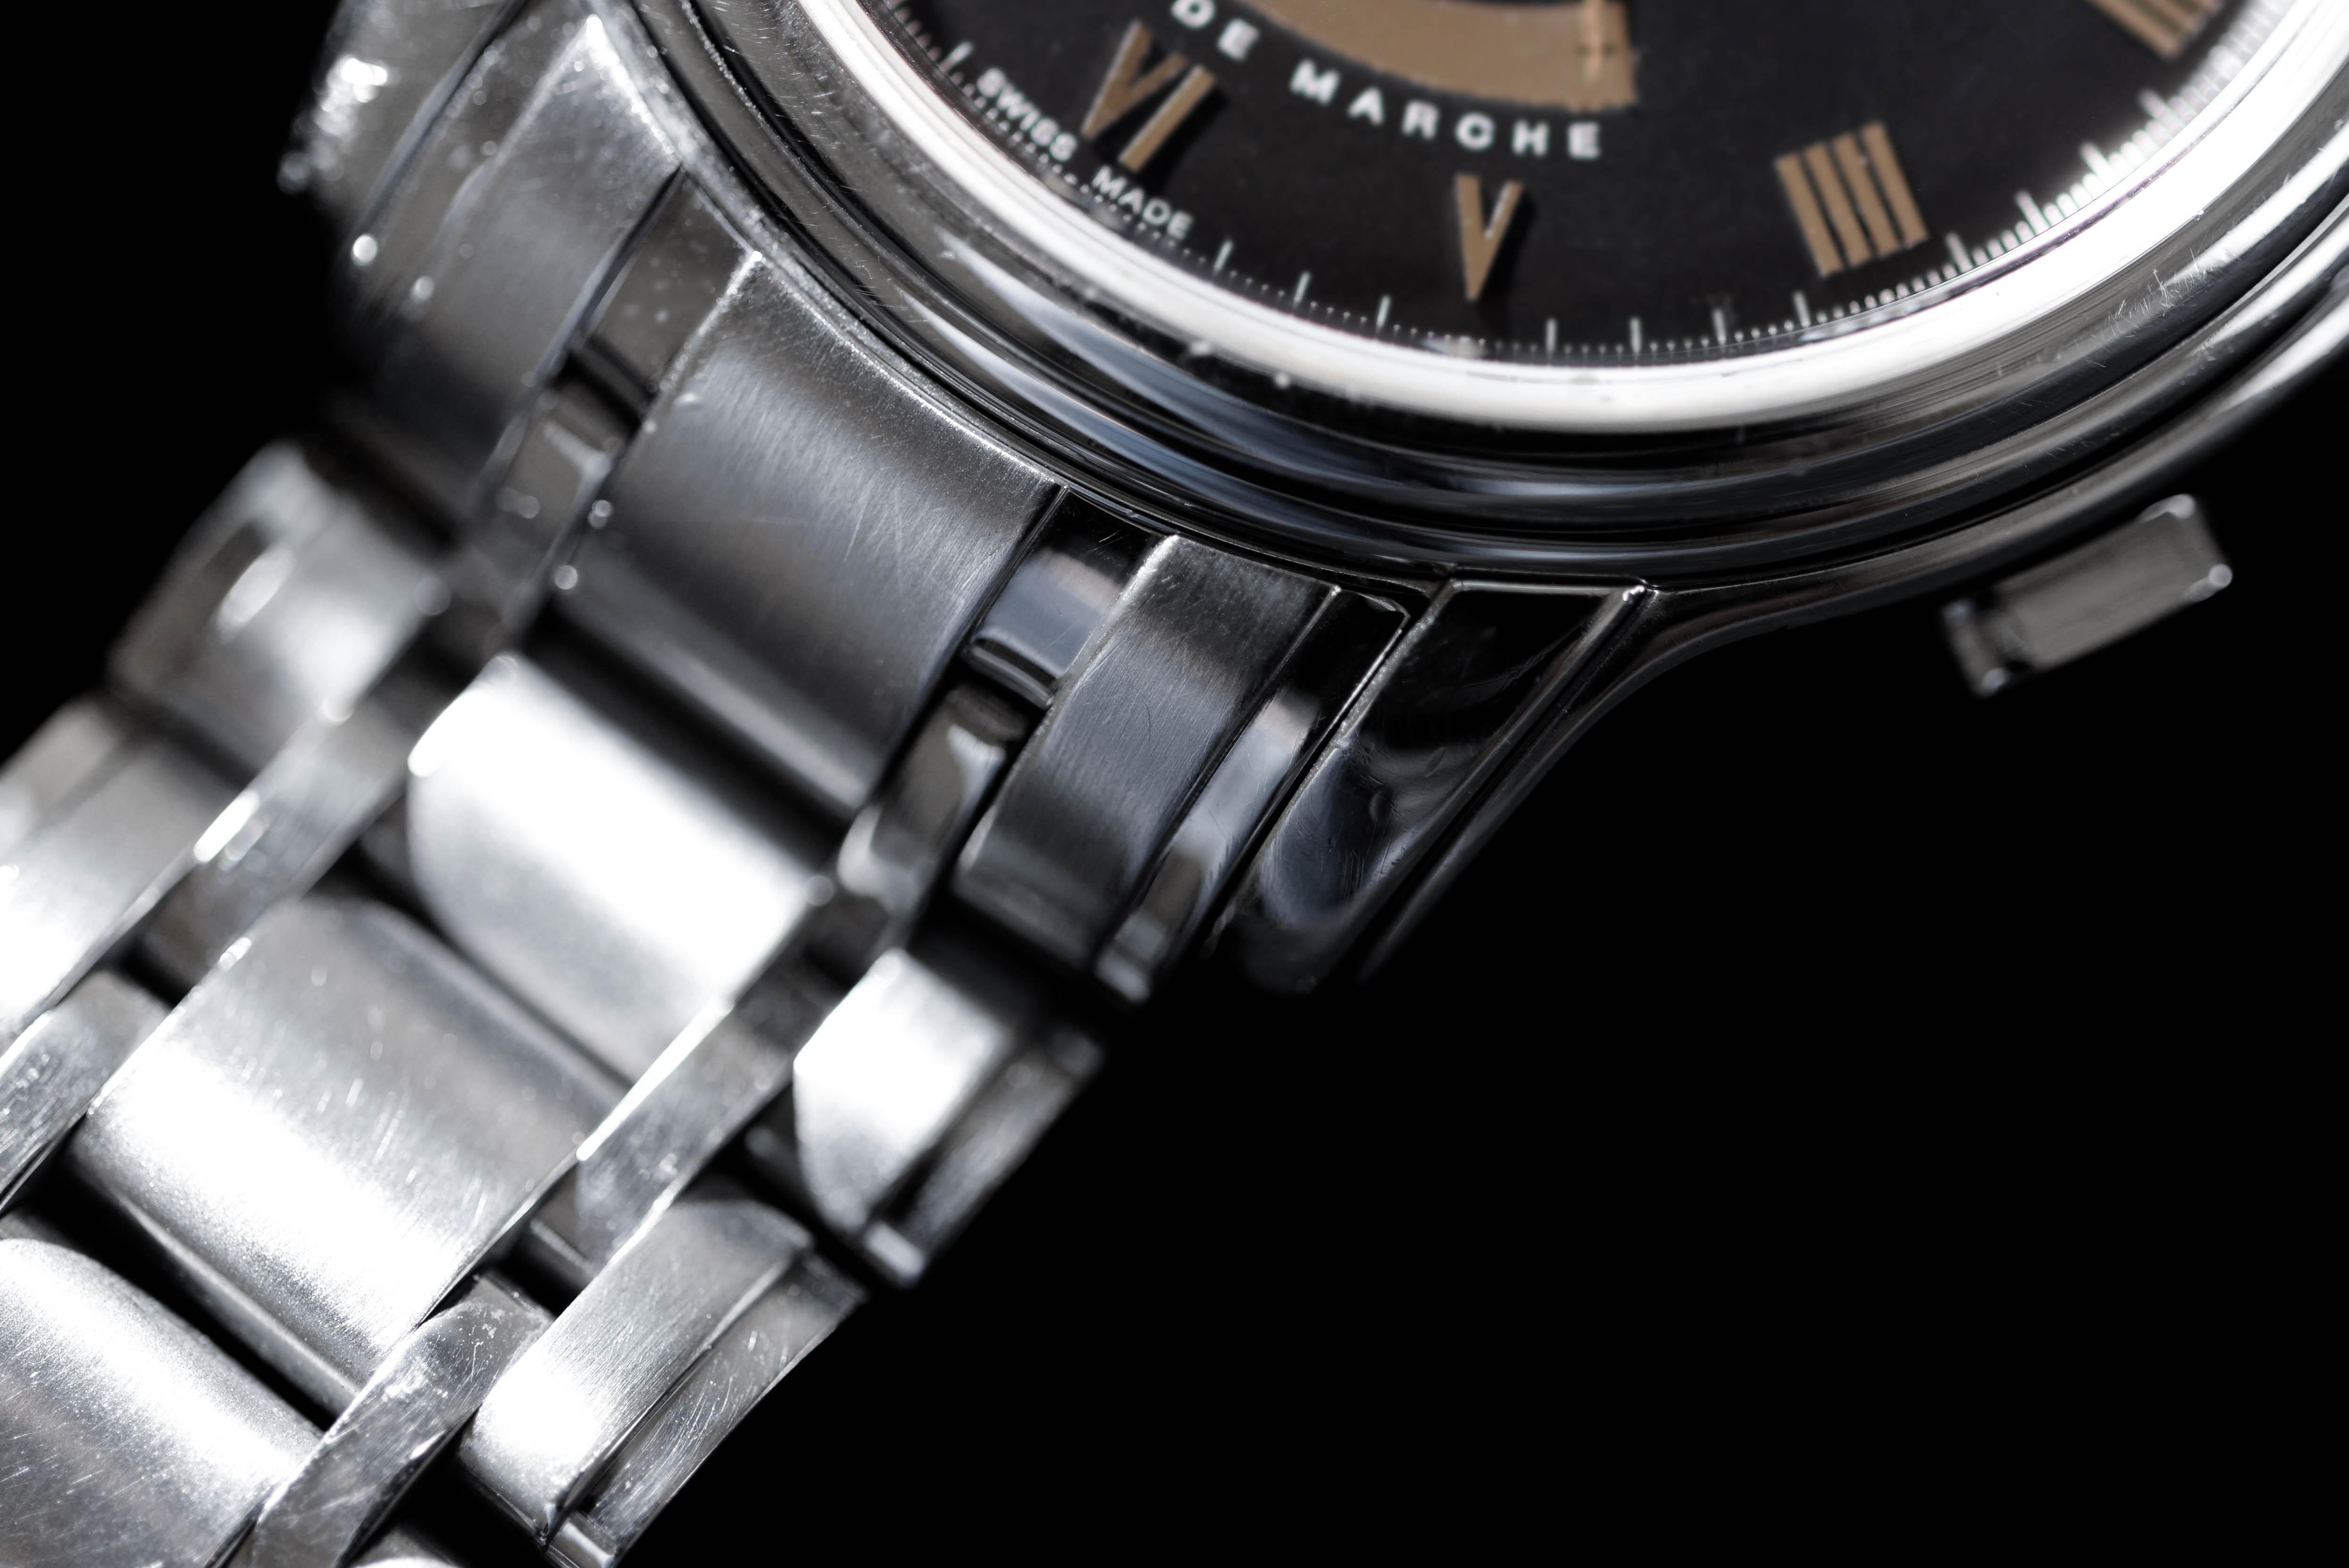 結婚すると気軽に腕時計を購入できない